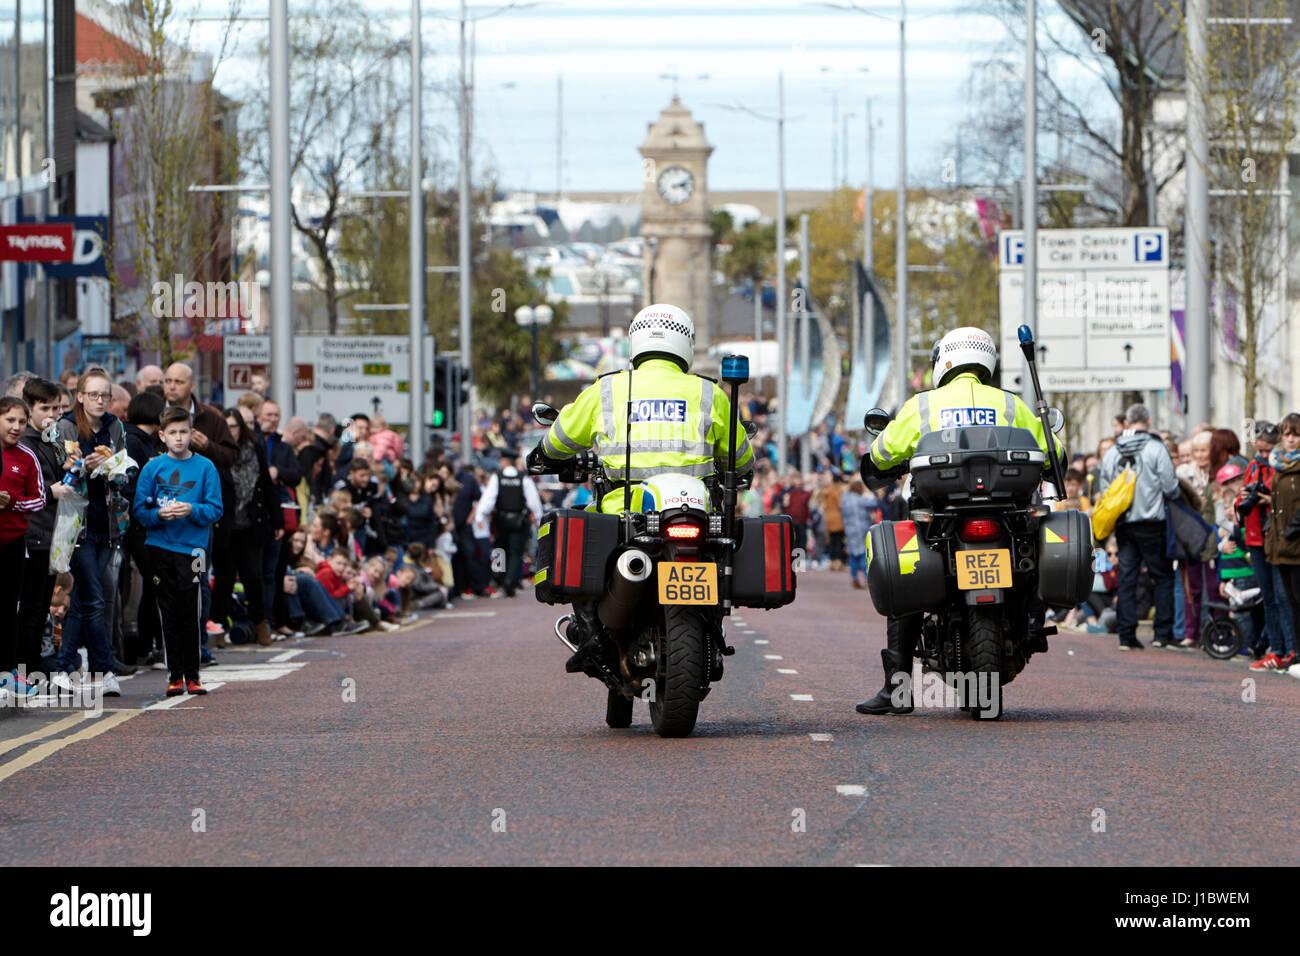 Agent de police psni police routière sur moto bmw pendant un événement touristique parade à Photo Stock